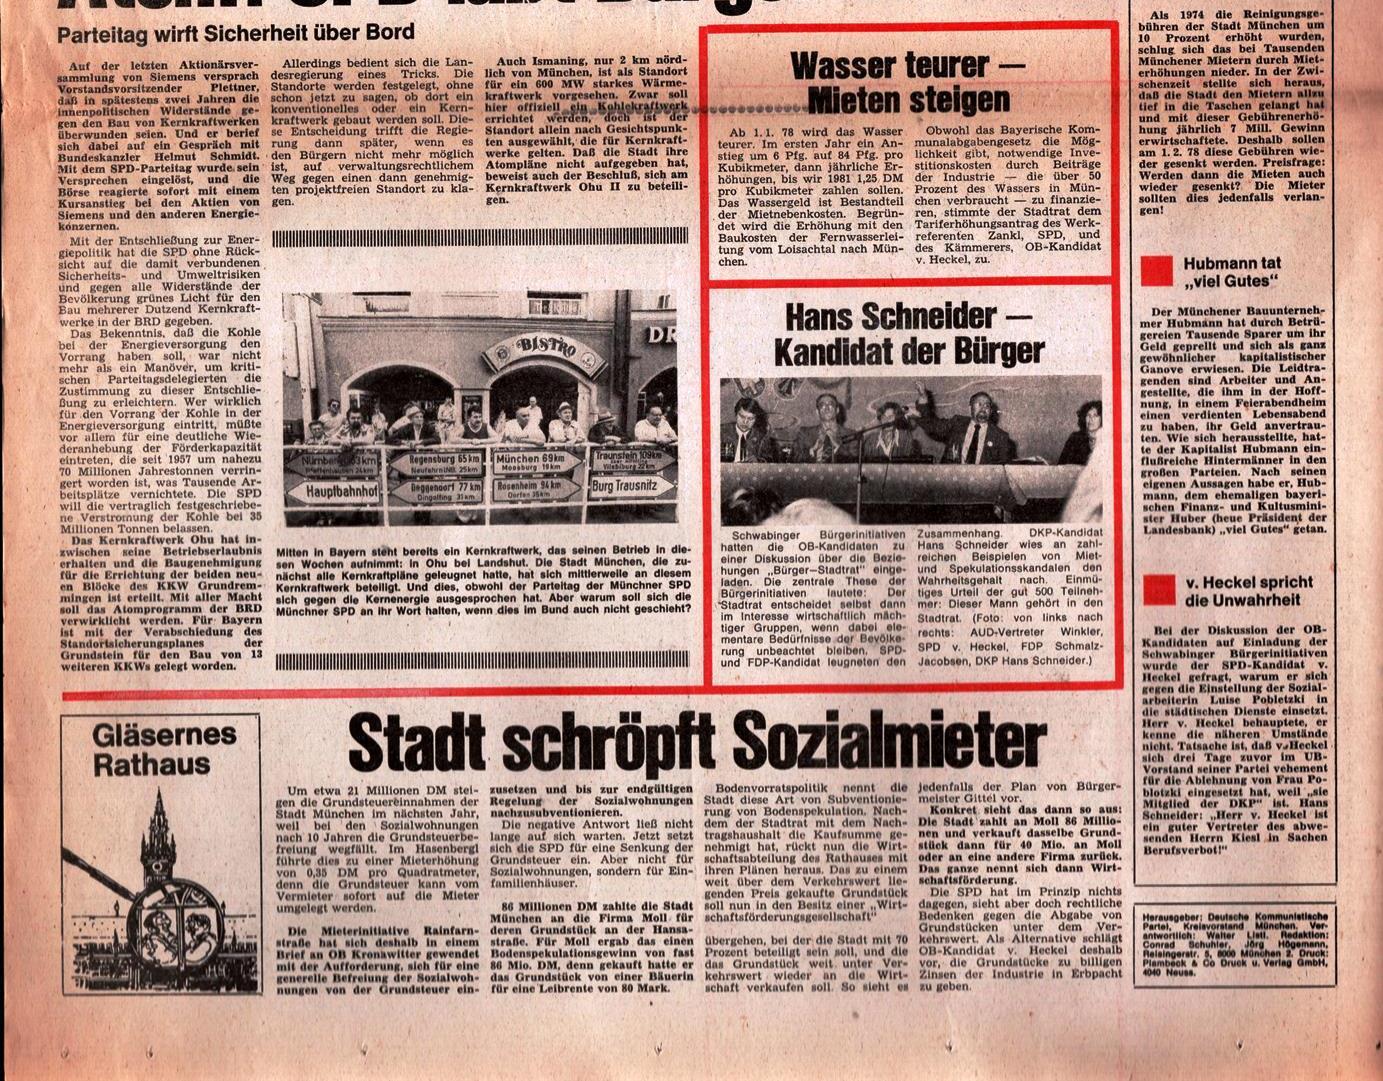 Muenchen_DKP_Neues_Muenchen_19771200_012_004